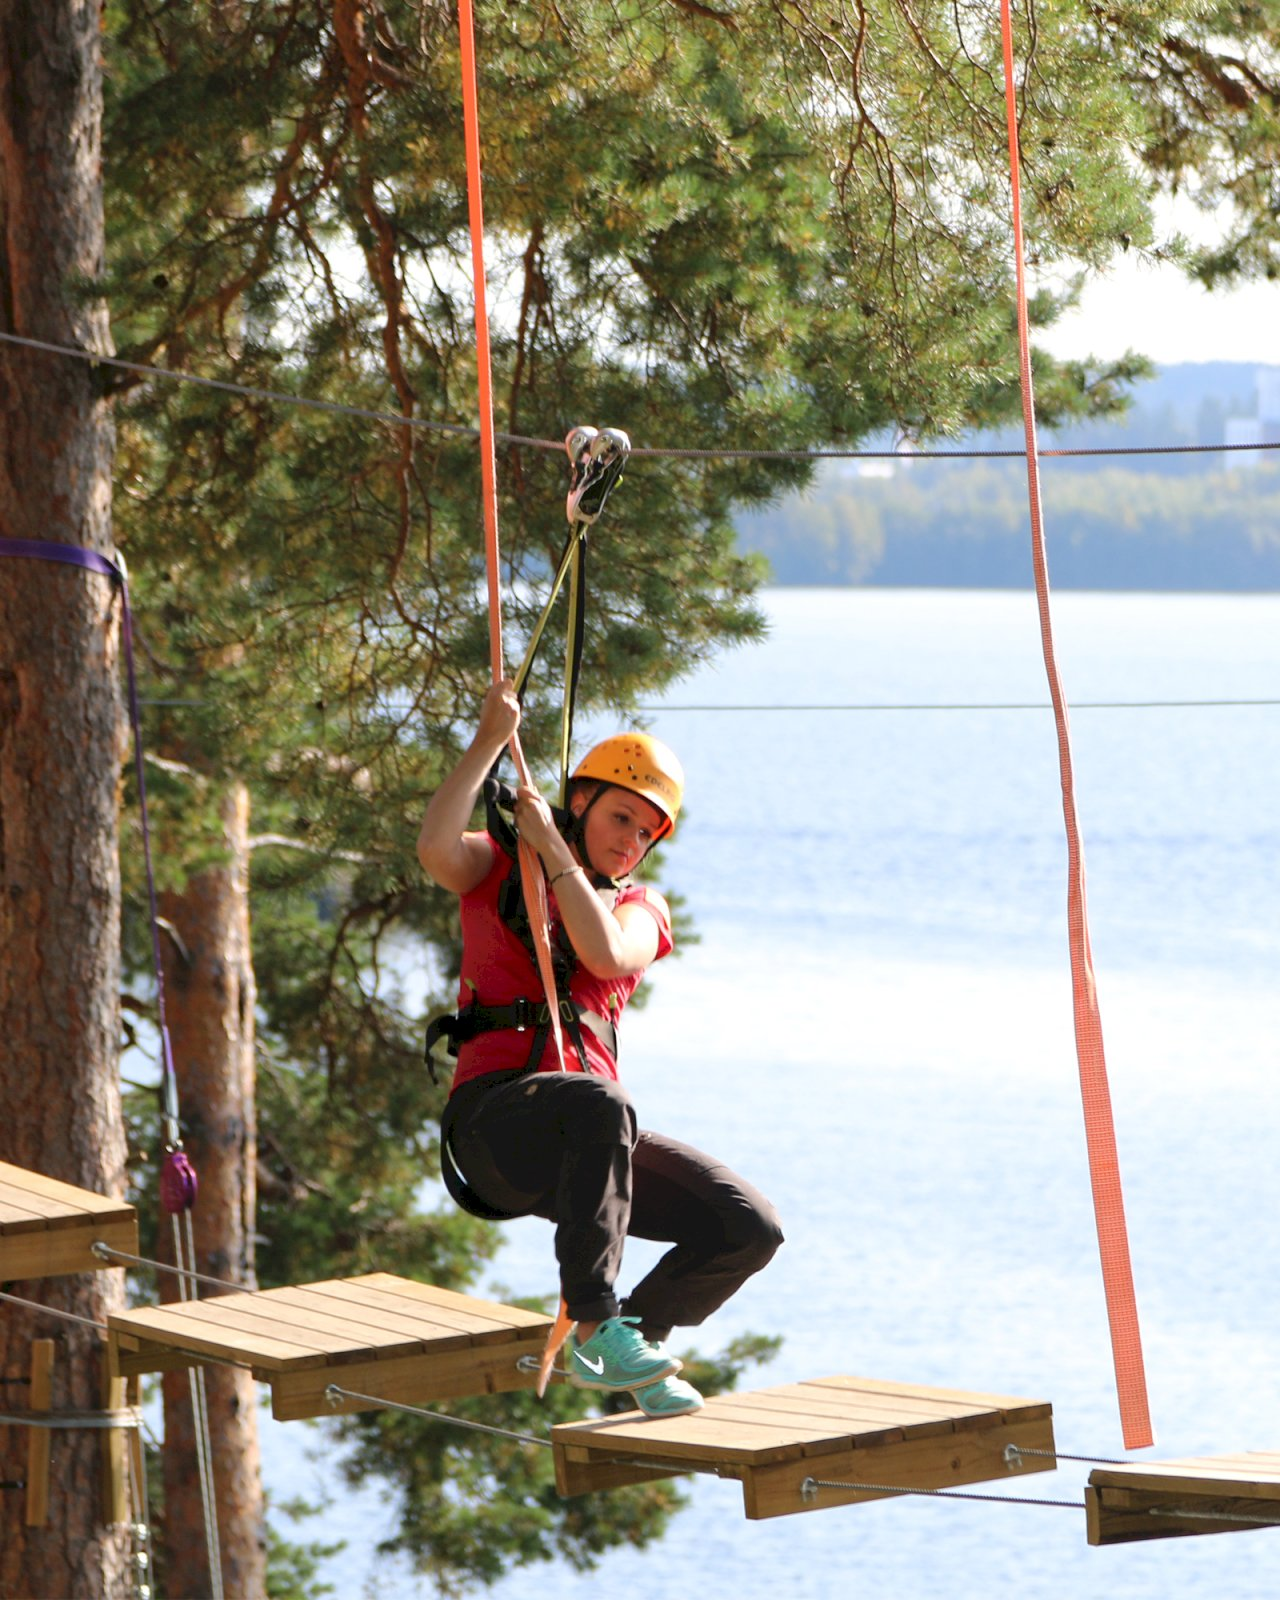 Nainen kiipeilee Varalan Flowparkin seikkailuradalla korkealla Pyhäjärven maisemissa.